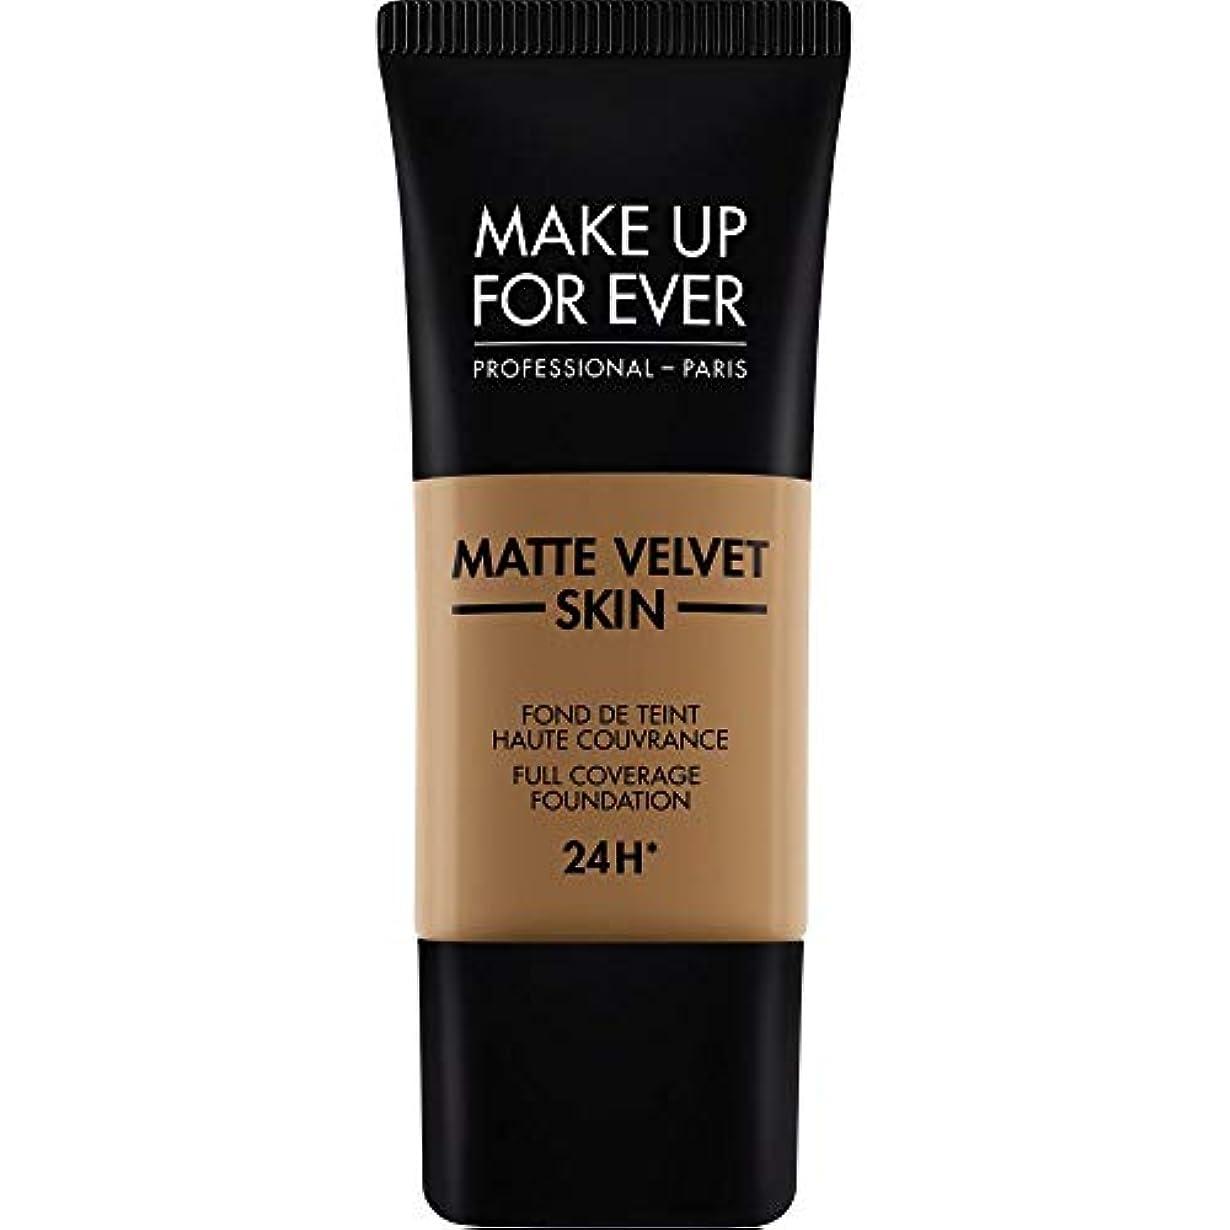 十年緩やかな胃[MAKE UP FOR EVER ] これまでマットベルベットの皮膚のフルカバレッジ基礎30ミリリットルのY505を補う - コニャック - MAKE UP FOR EVER Matte Velvet Skin Full...